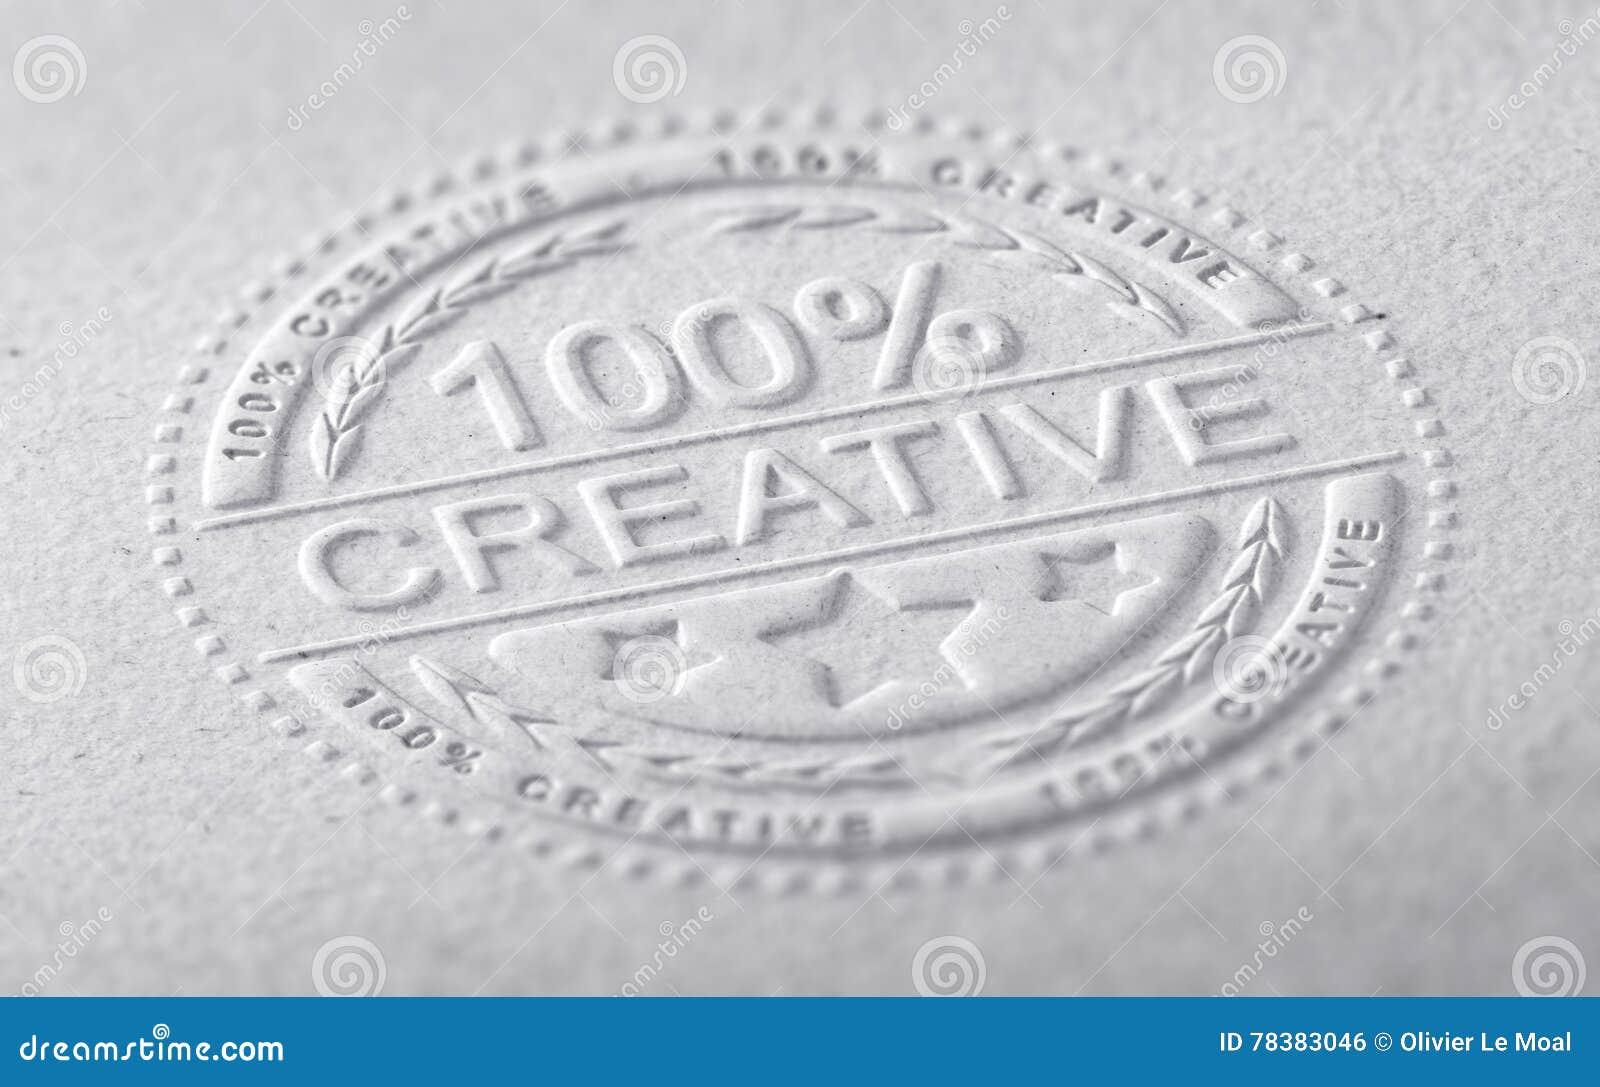 Conception graphique créative